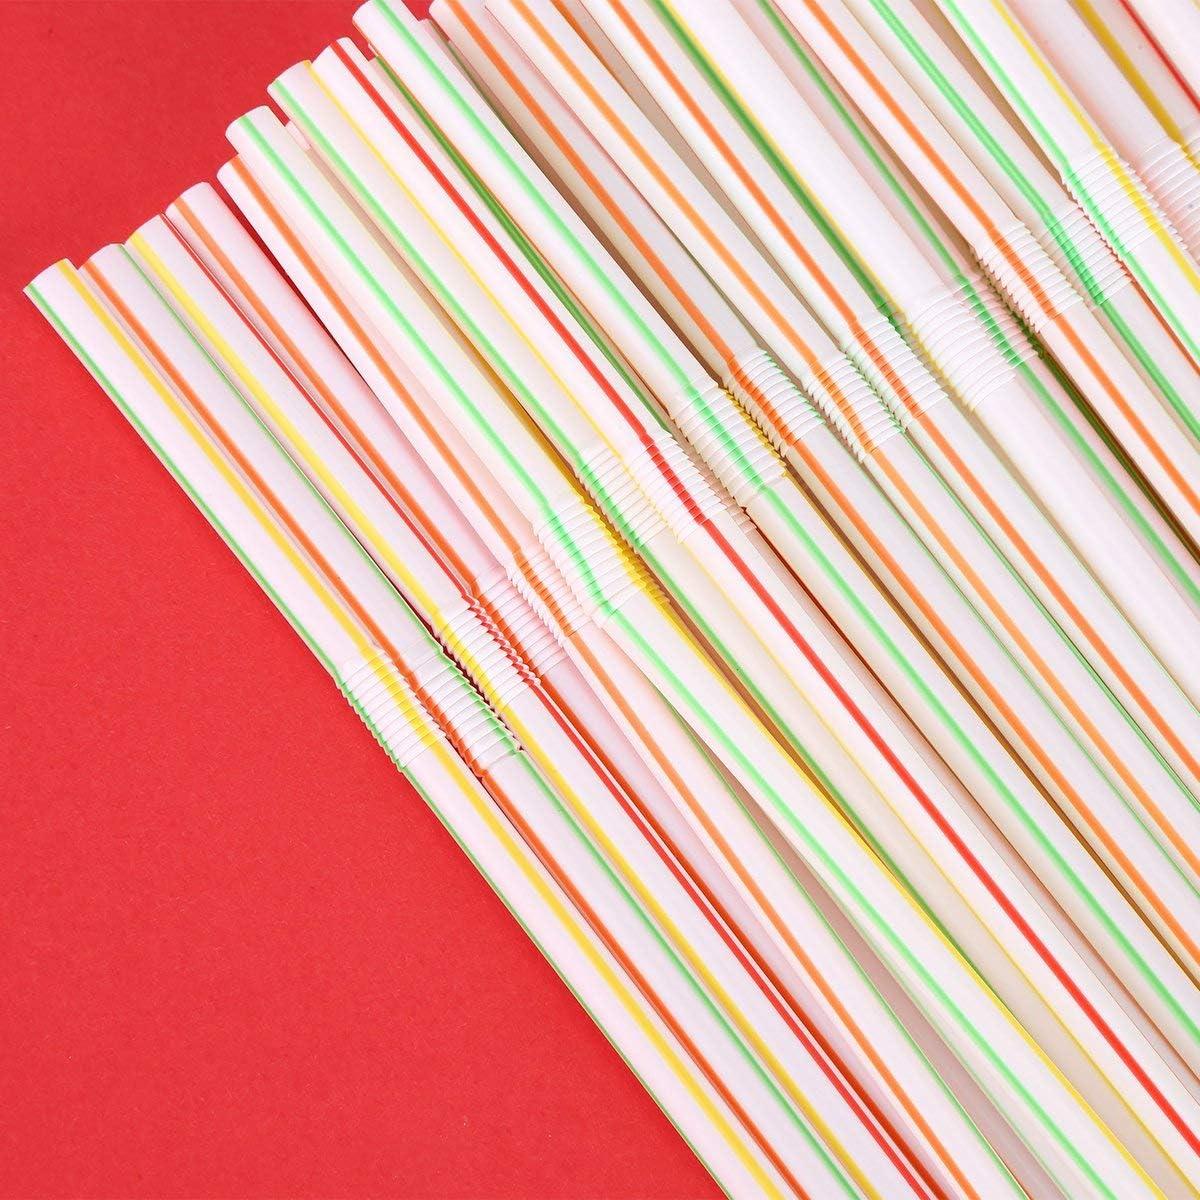 100 Pcs En Plastique Souple Blanc Solide Parti Th/é Et Caf/é Shop Pailles /à boire Jetables D/écorations De Mariage-Alan Graham ScottVF